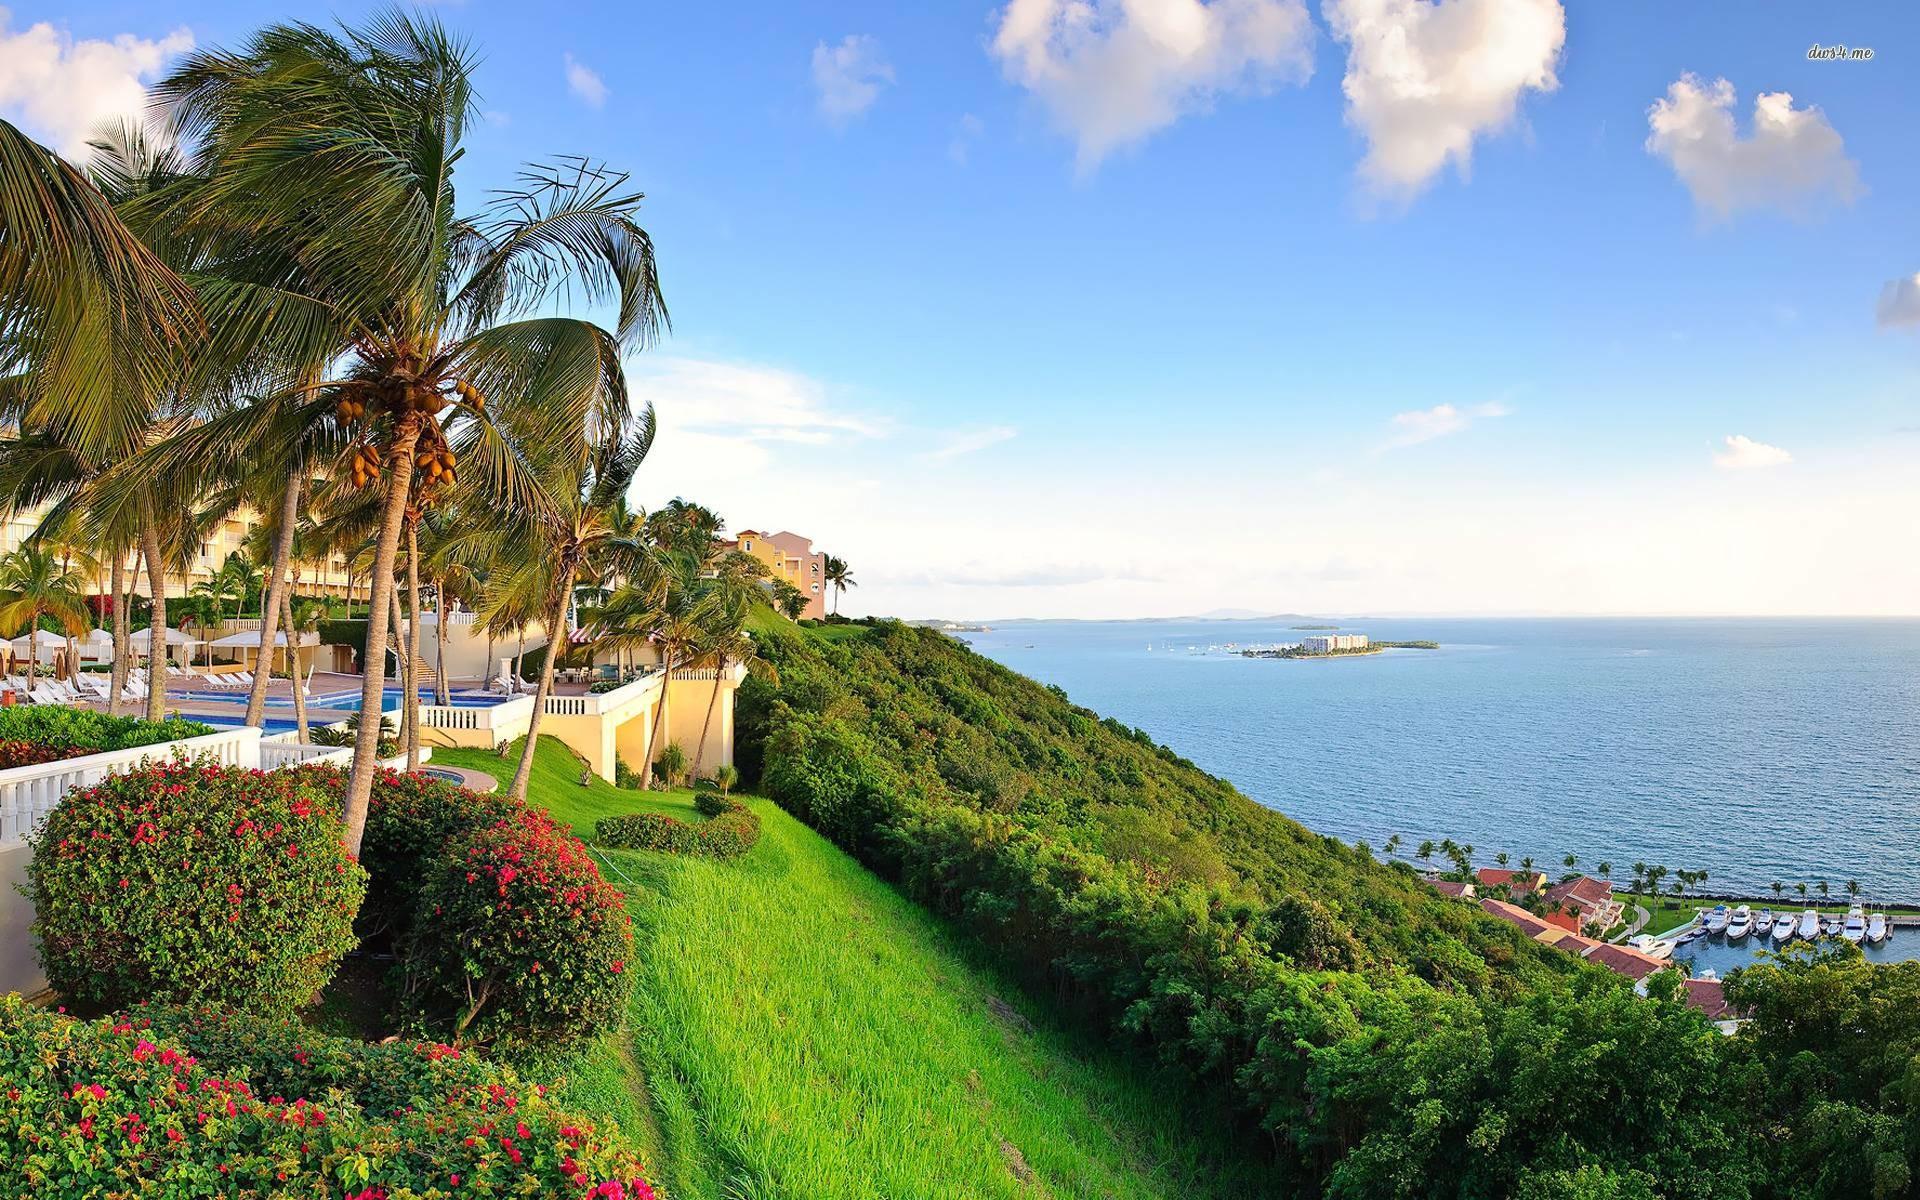 desktop wallpaper pictures of puerto rico – www.